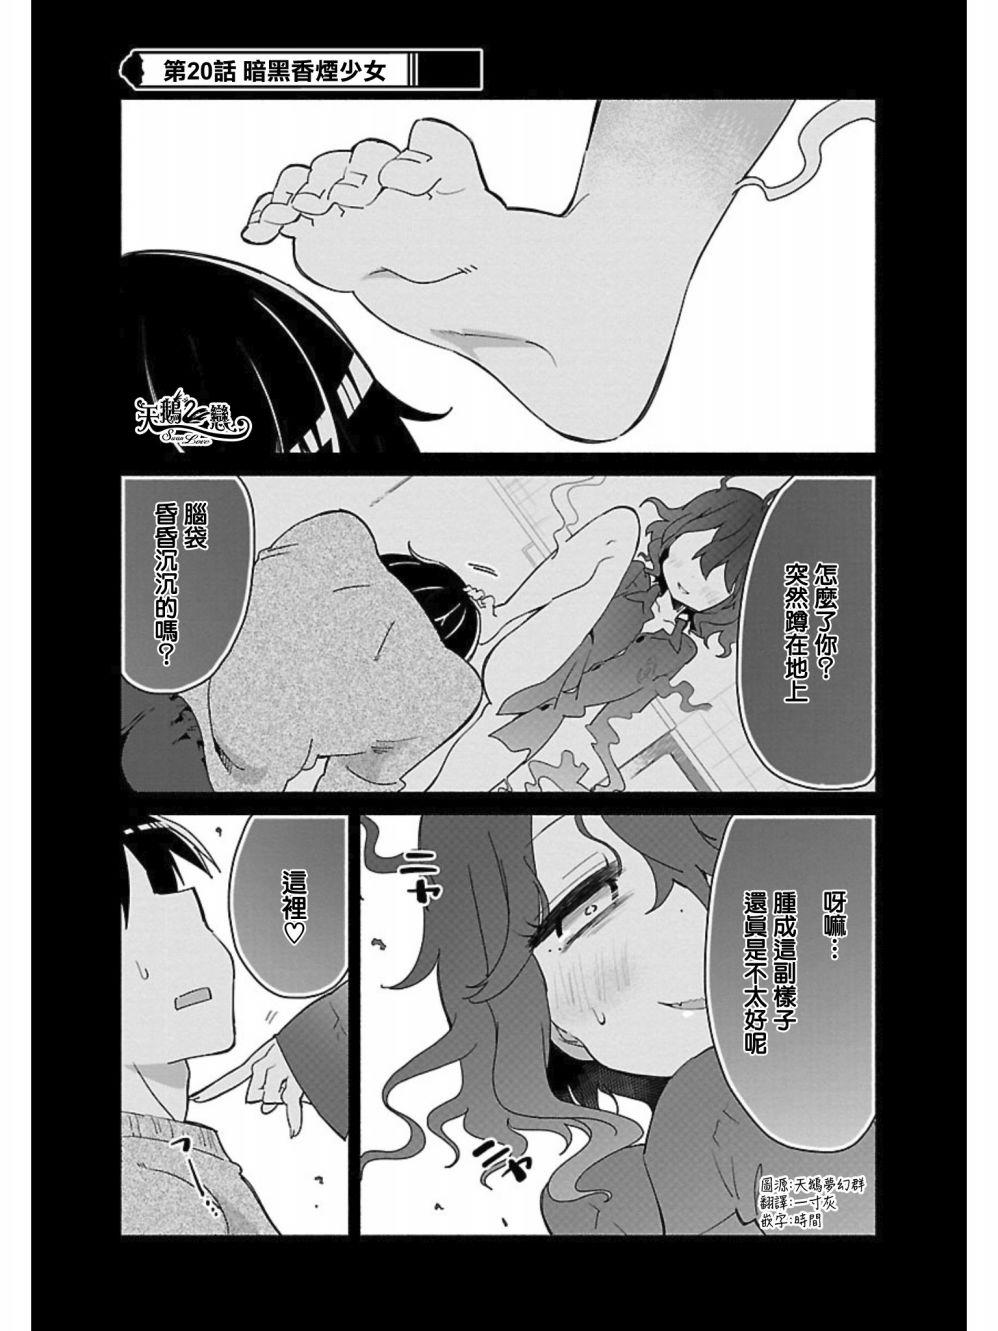 【漫画更新】香煙少女  第20话  暗黑香煙少女-小柚妹站